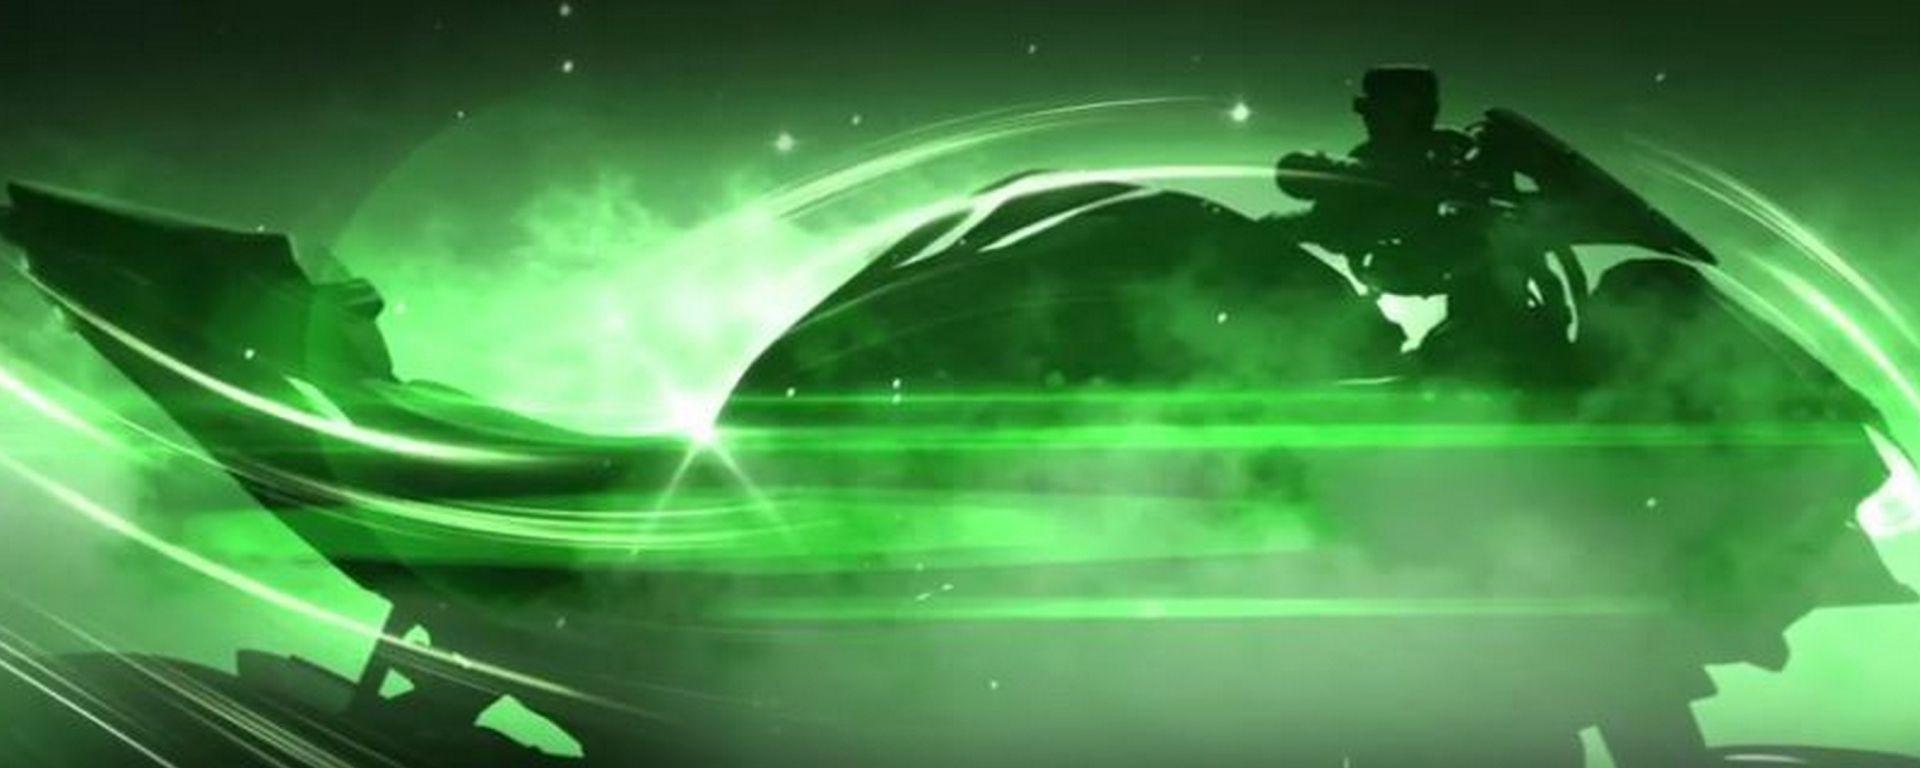 Kawasaki Z H2 Supercharge, un fotogramma del terzo video teaser